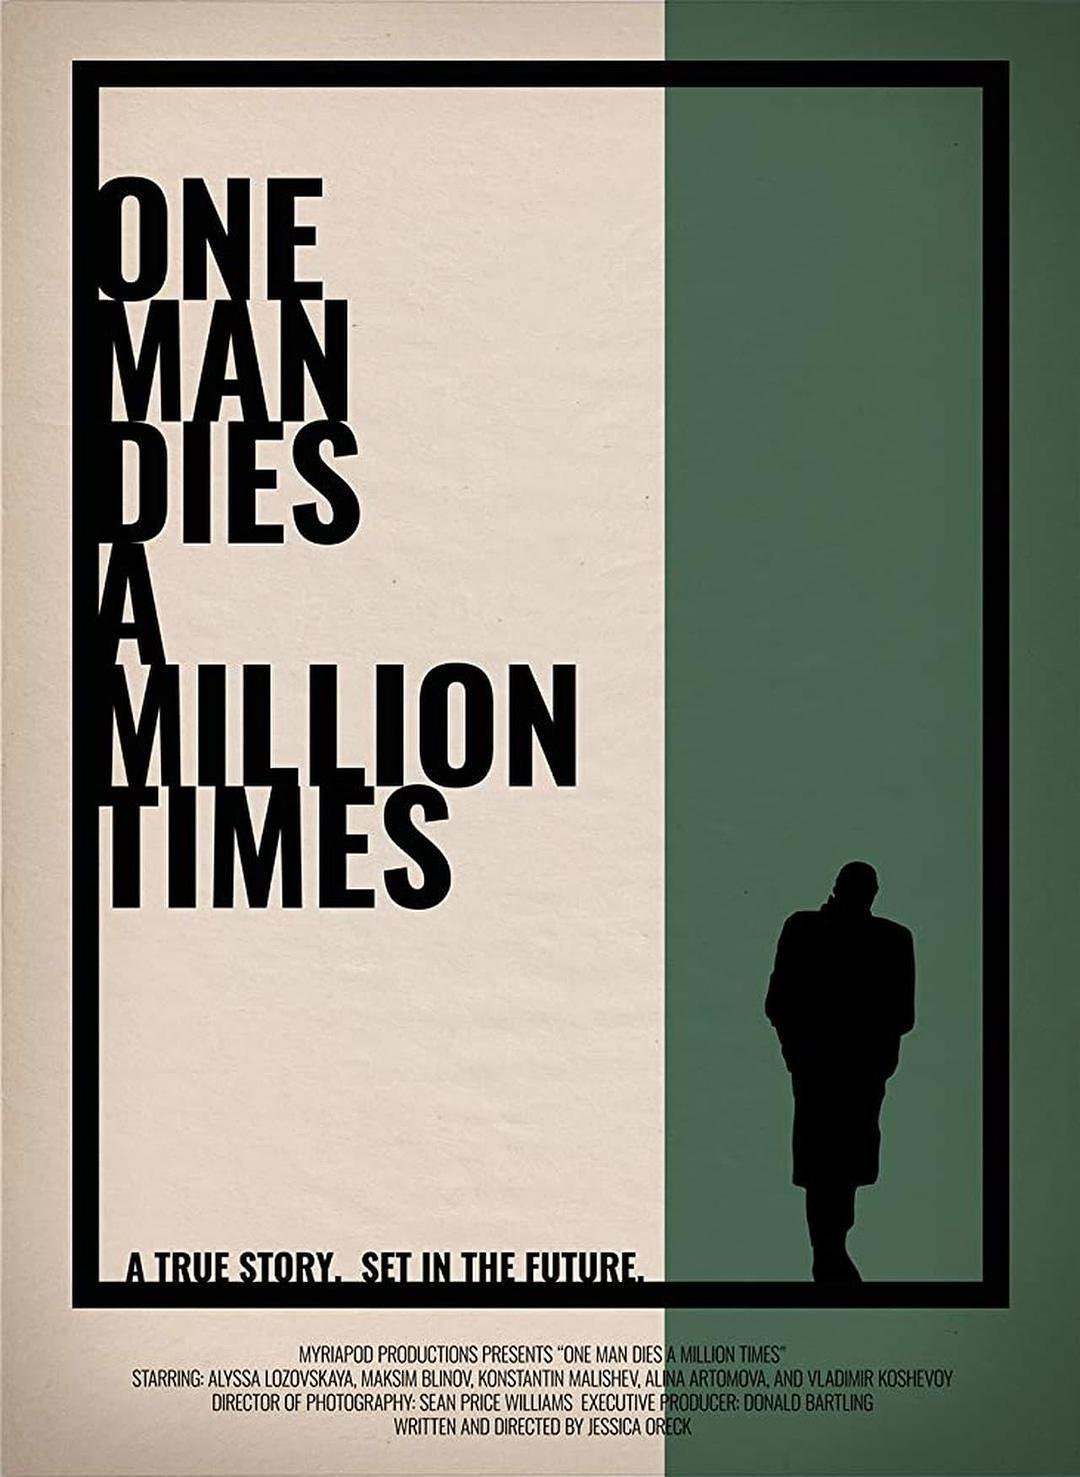 死了一百万次的男人